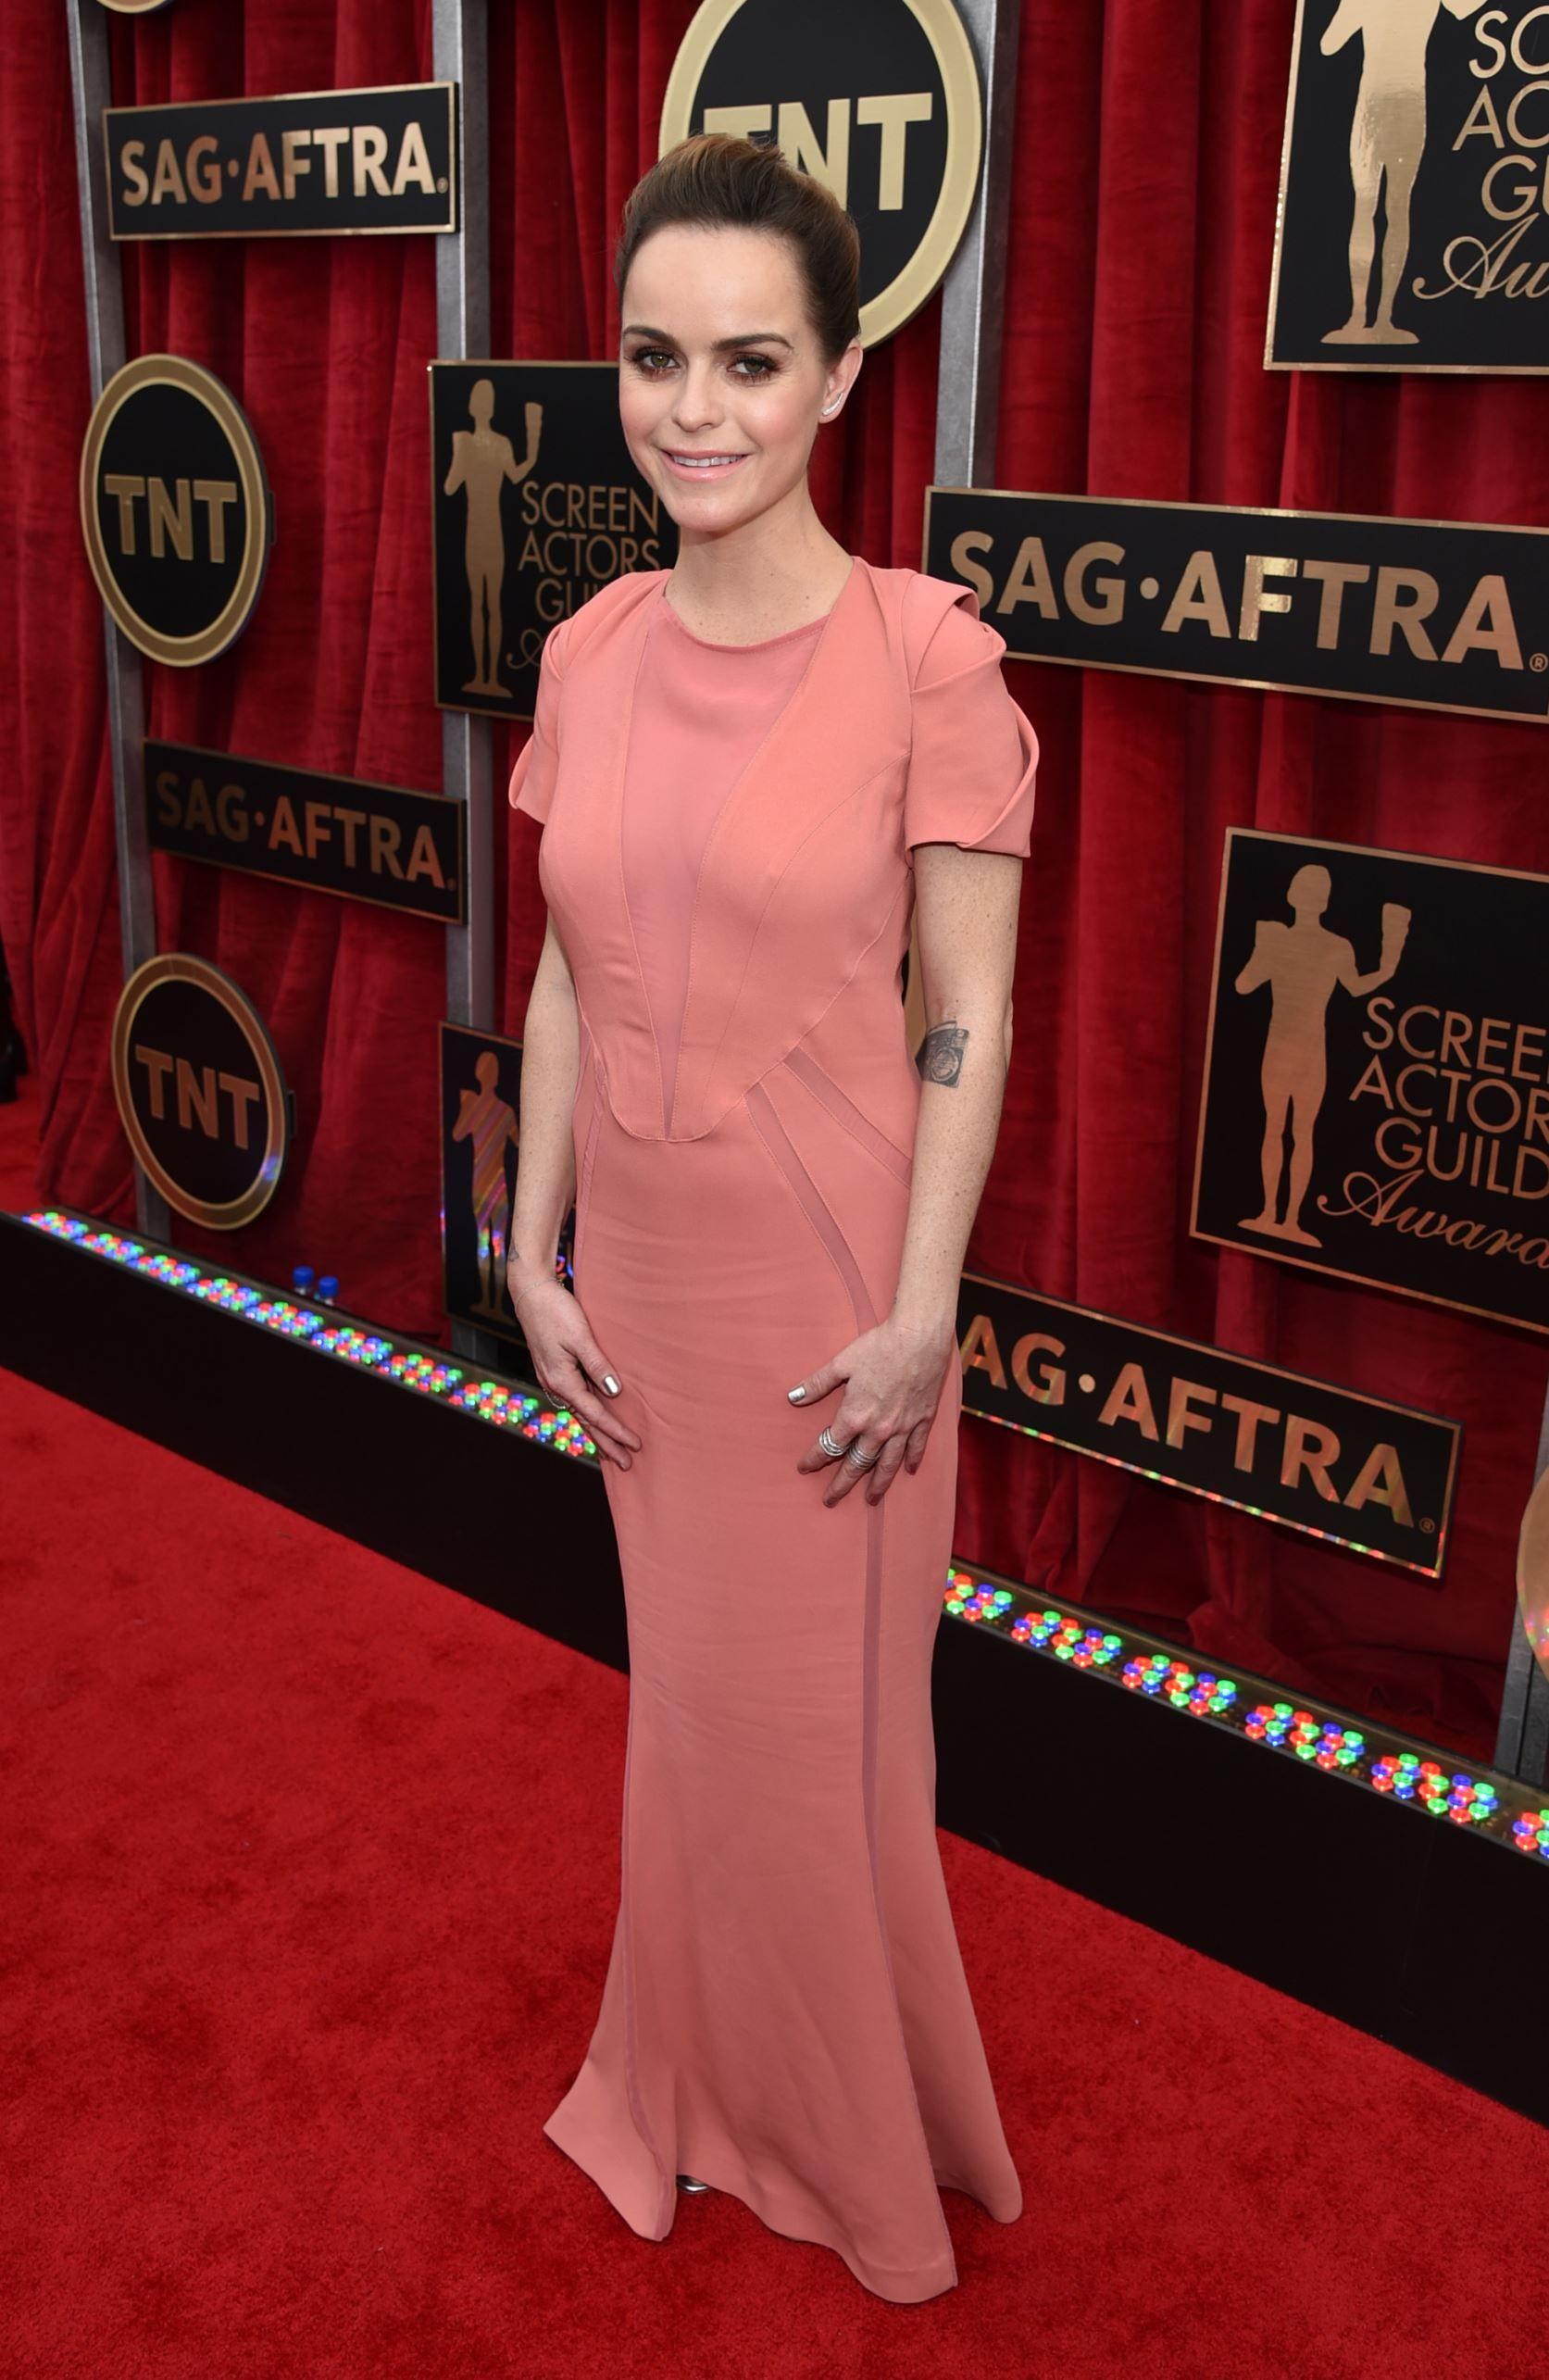 2015 Screen Actors Guild Awards Red Carpet///  I live under a bridge.